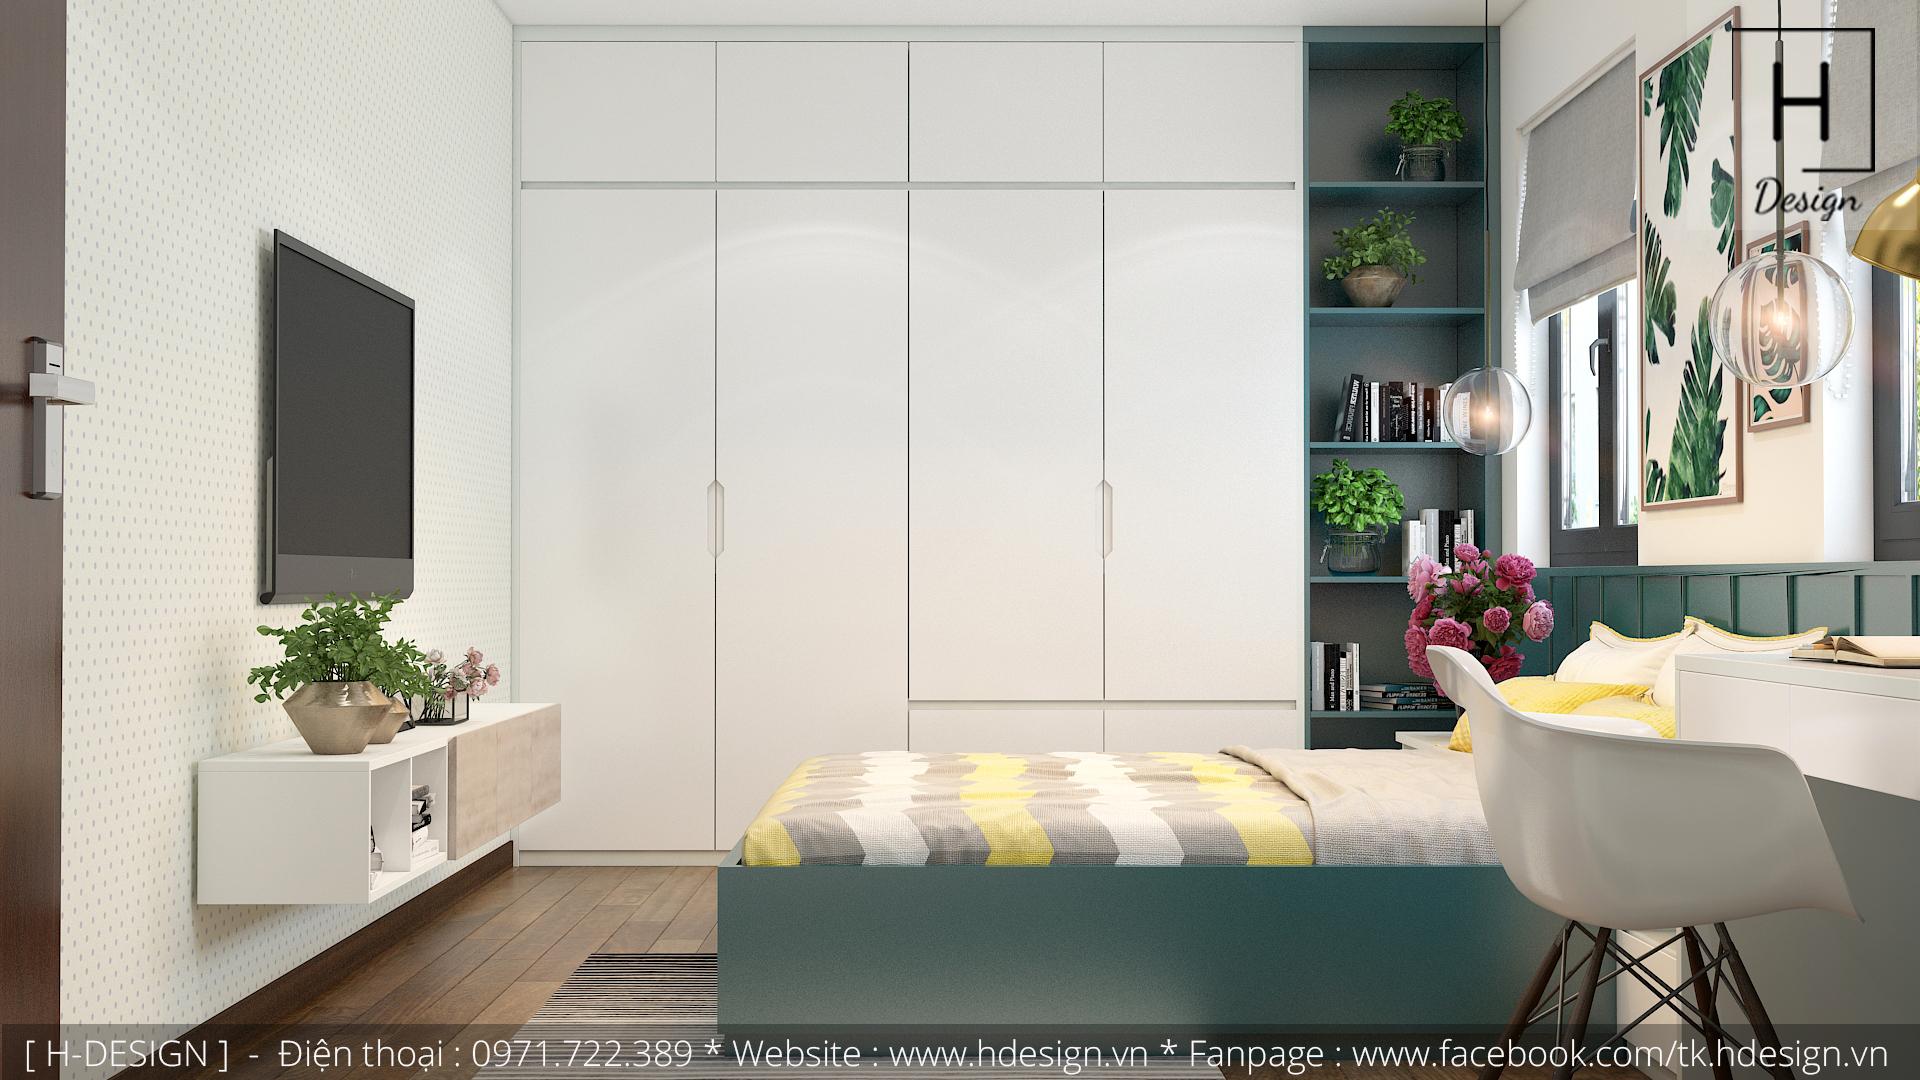 Thiết kế thi công nội thất nhà phố đẹp tại Tây Hồ - Hà Nội 9